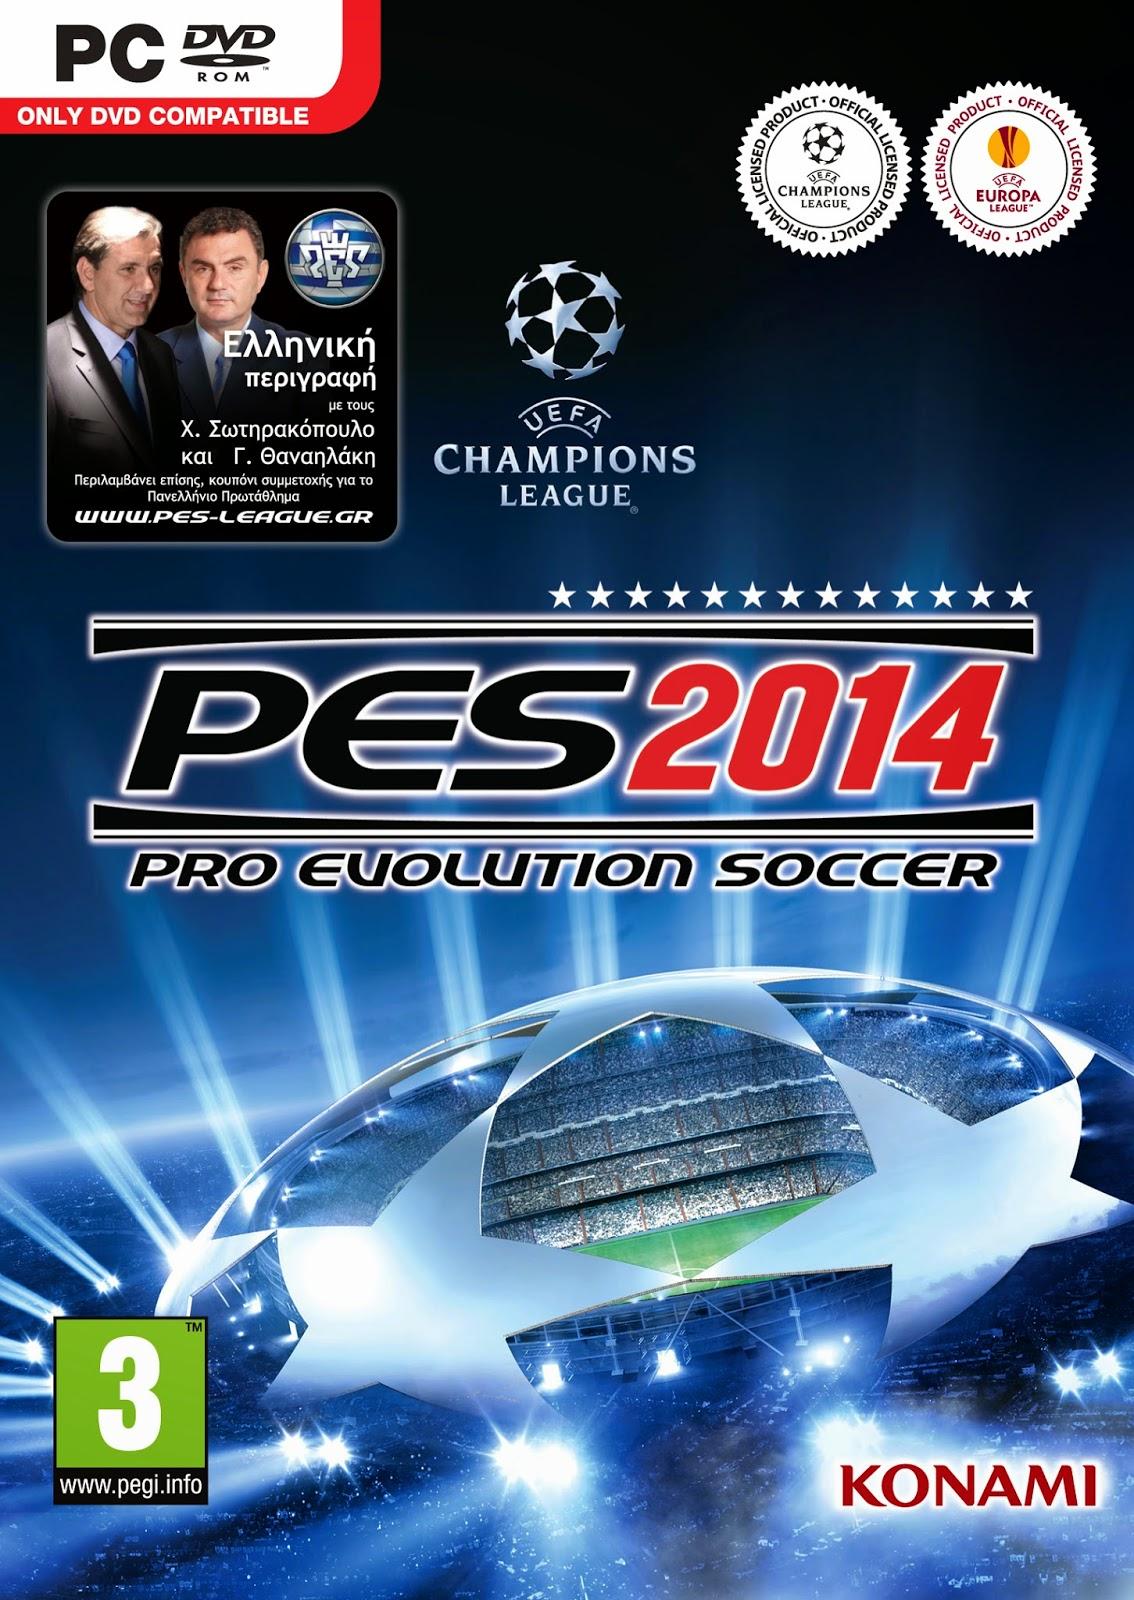 Evolution Soccer 2014 التثبيت pes2014-pc-owp-pegi-